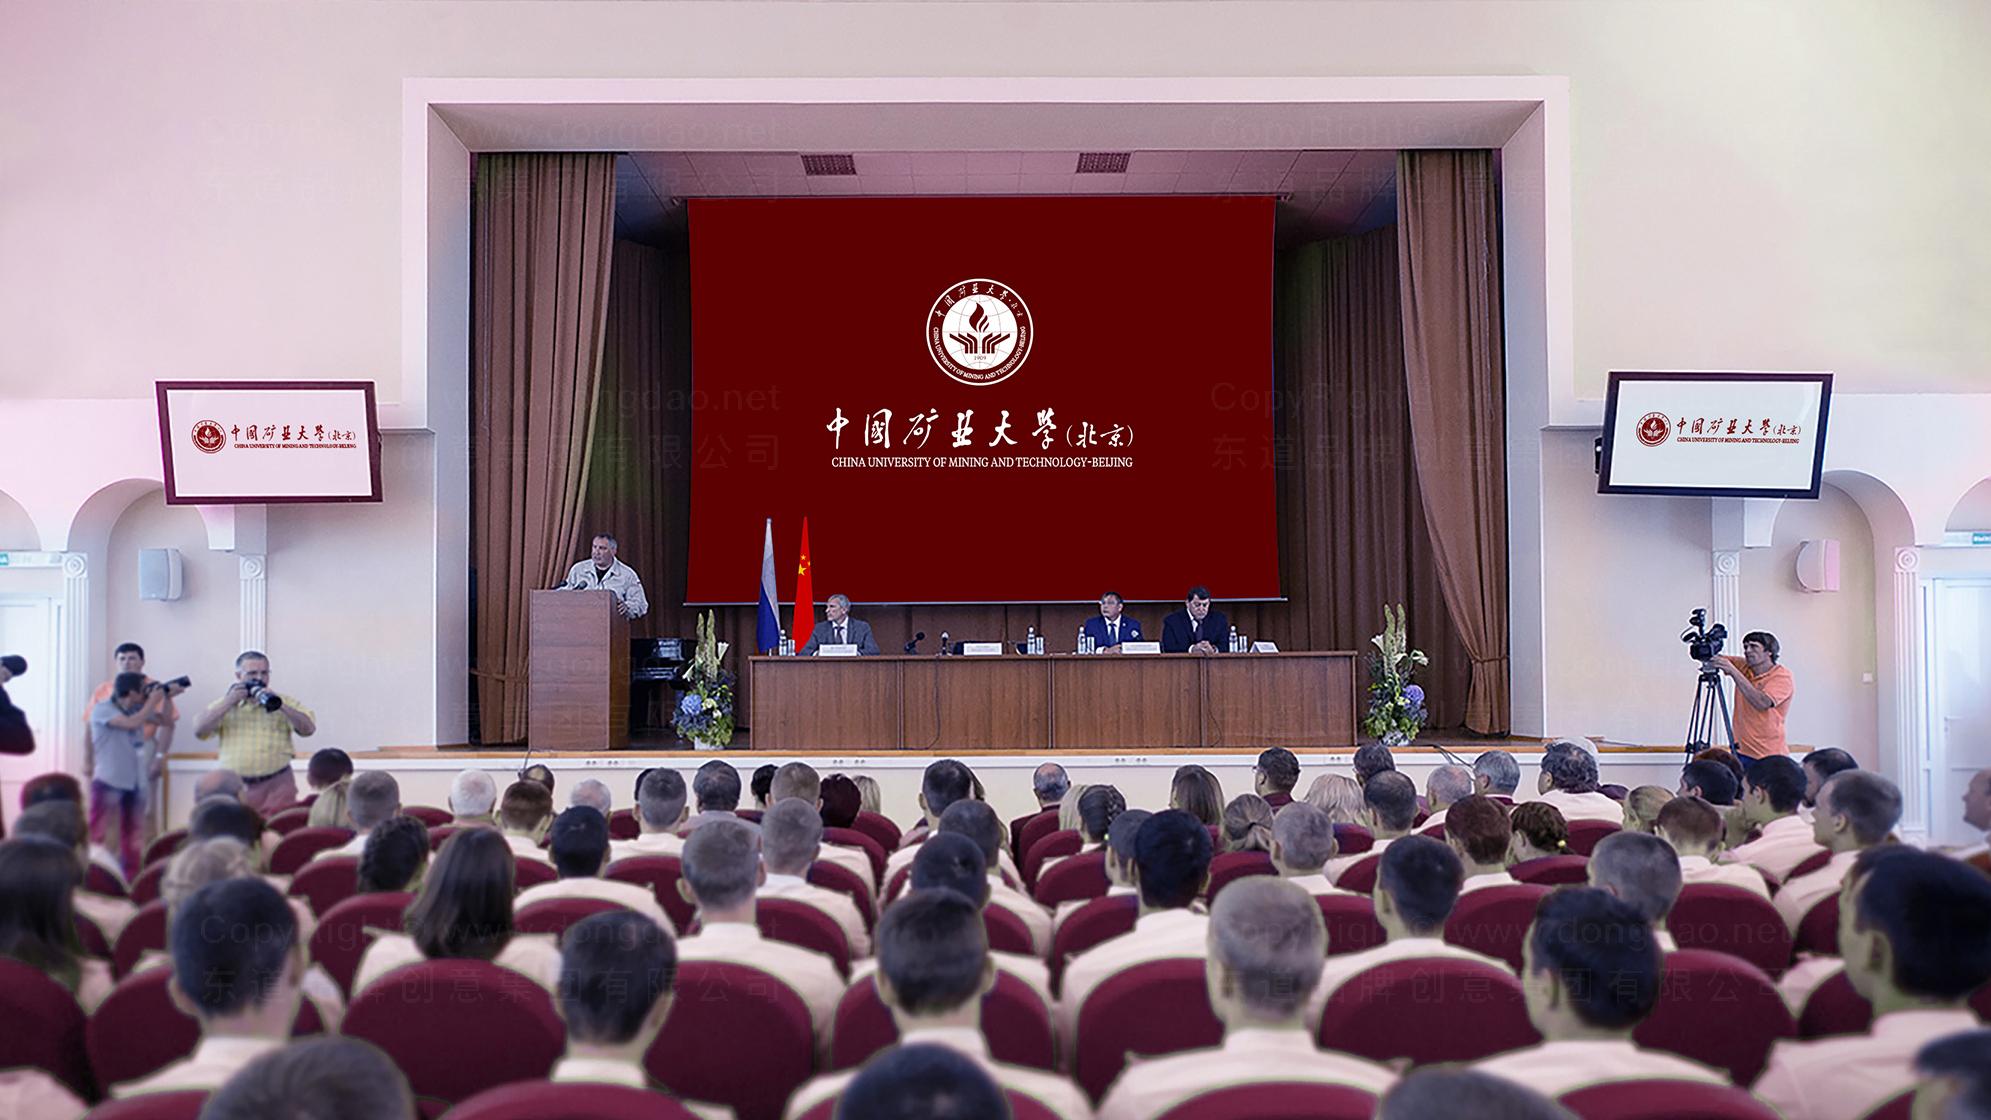 品牌设计中国矿业大学(北京)LOGO设计应用场景_1